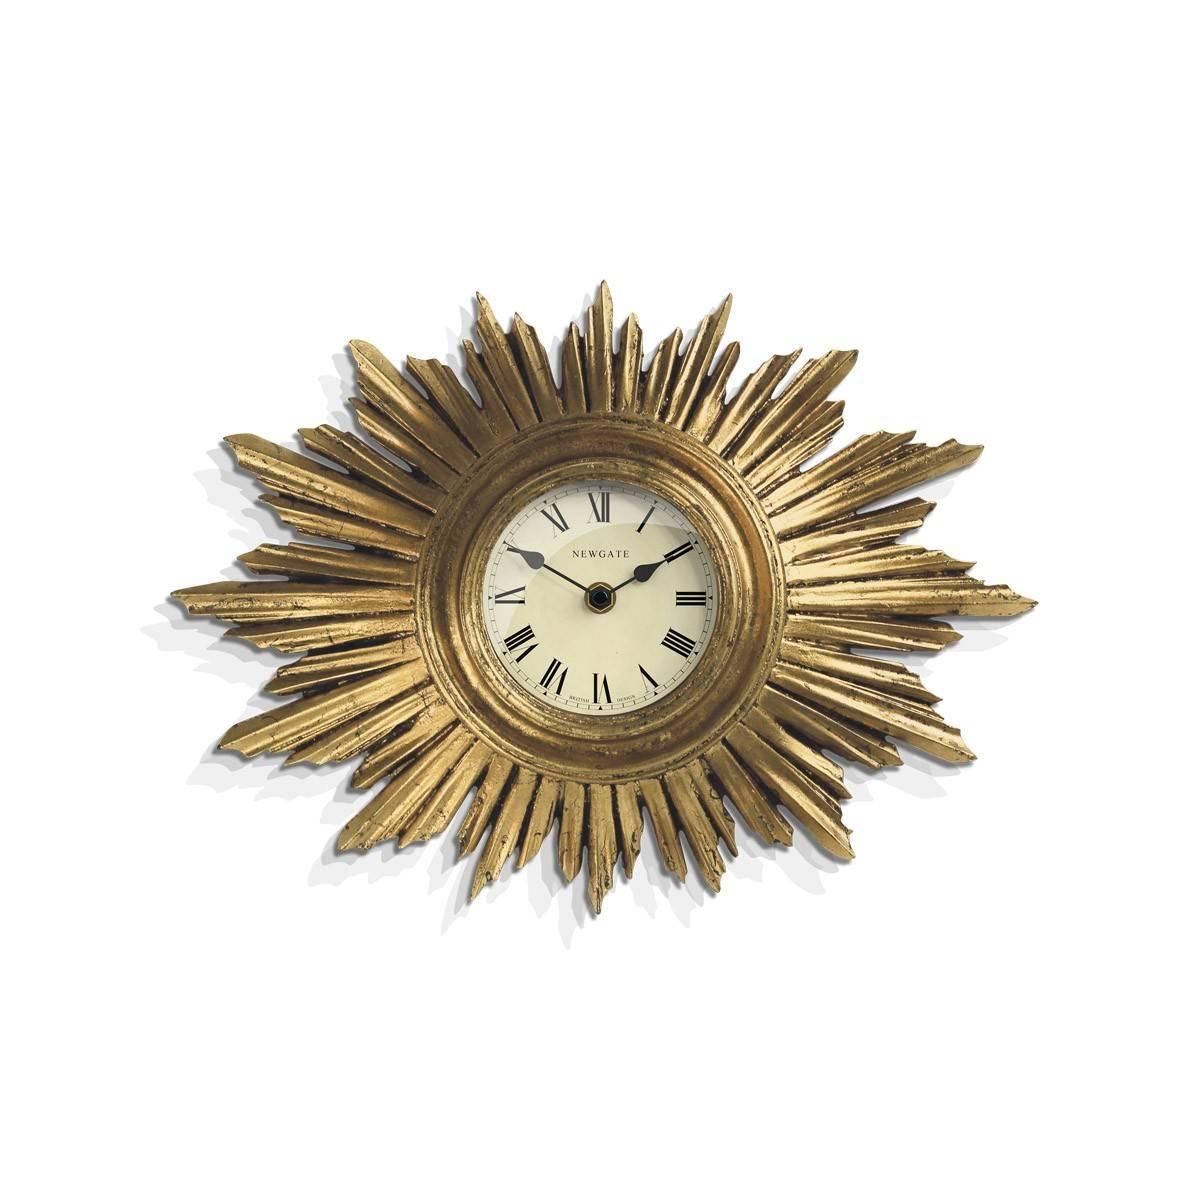 Gold Sunburst Art Deco Wall Clock | Newgate Clocks | Sunburst With Most Up To Date Art Deco Wall Clocks (View 18 of 25)